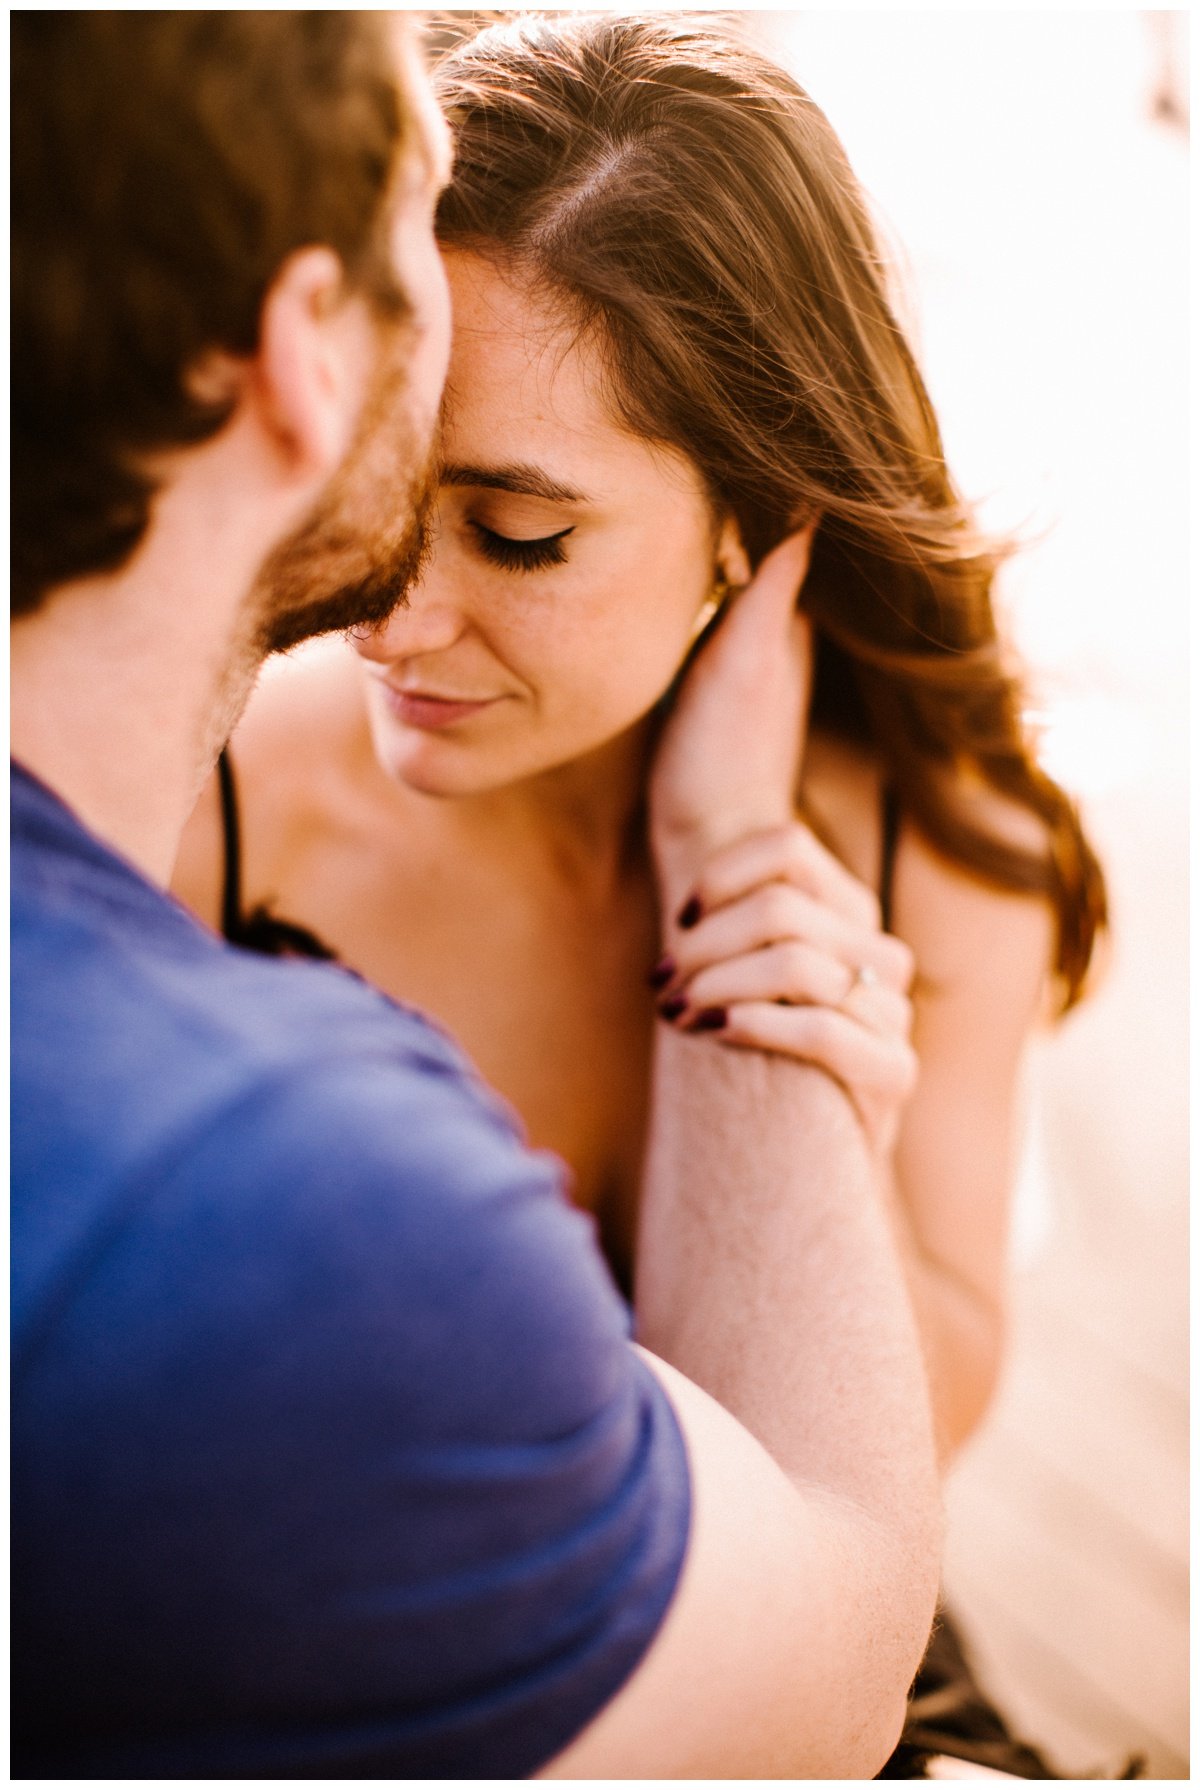 2017-05-30_0015 Megan and Steven - Philadelphia Engagement